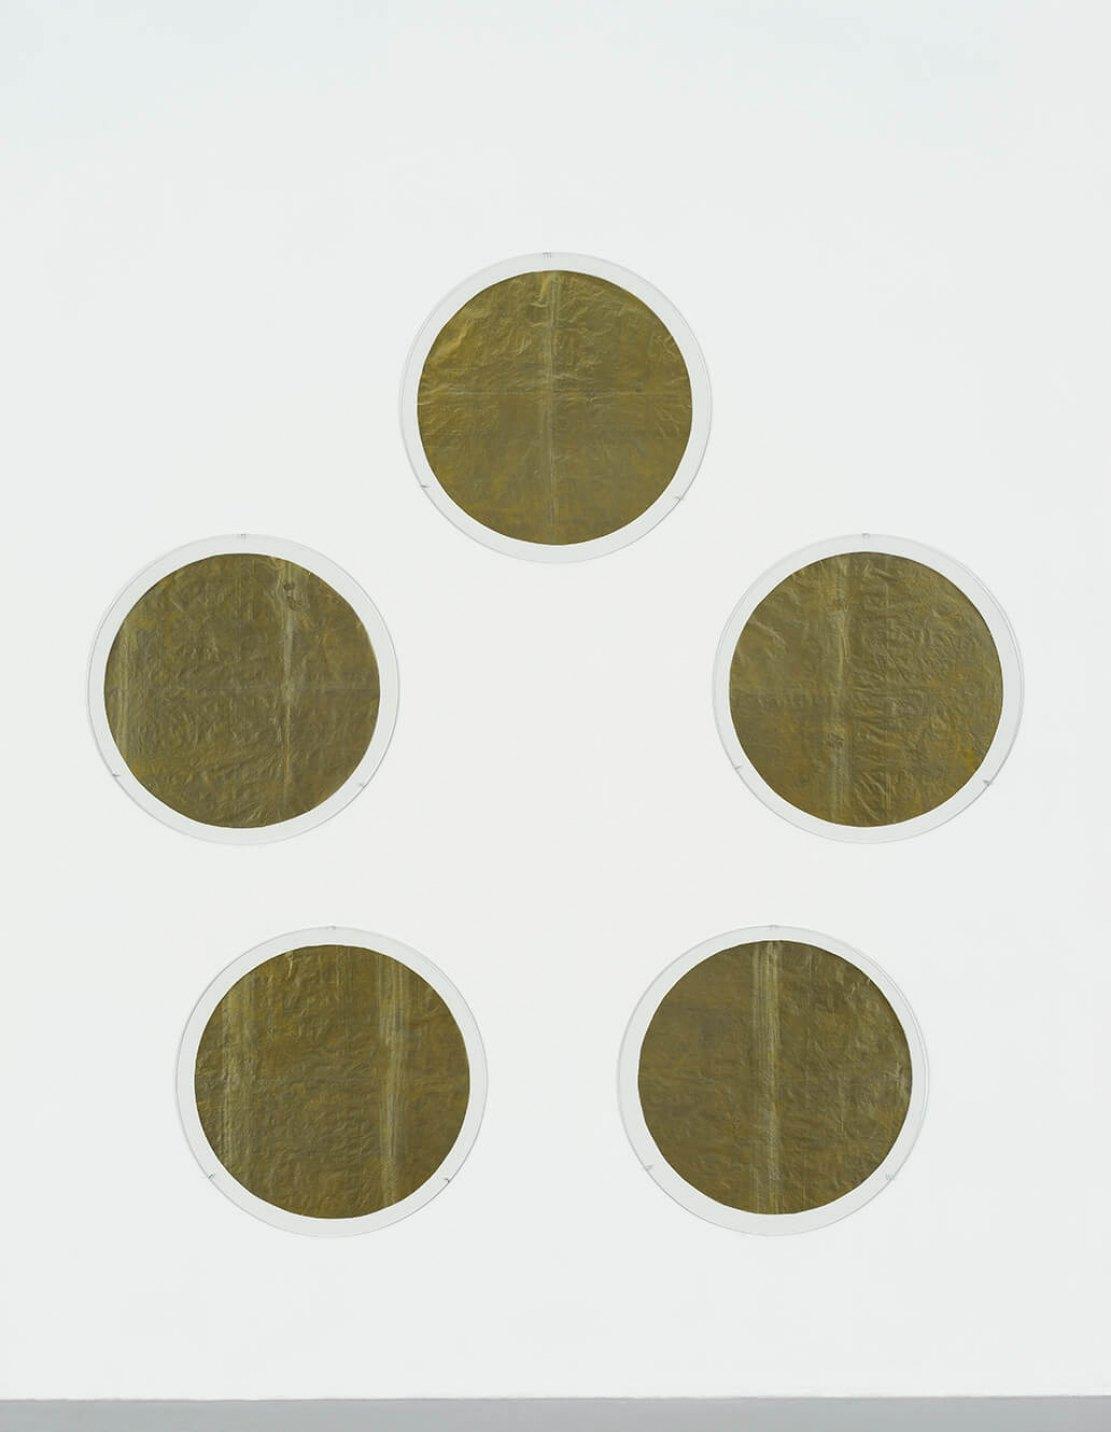 James Lee Byars<em>, Five Points Make a Man,</em>1993,japanese golden paper,49 cm ø - Mendes Wood DM